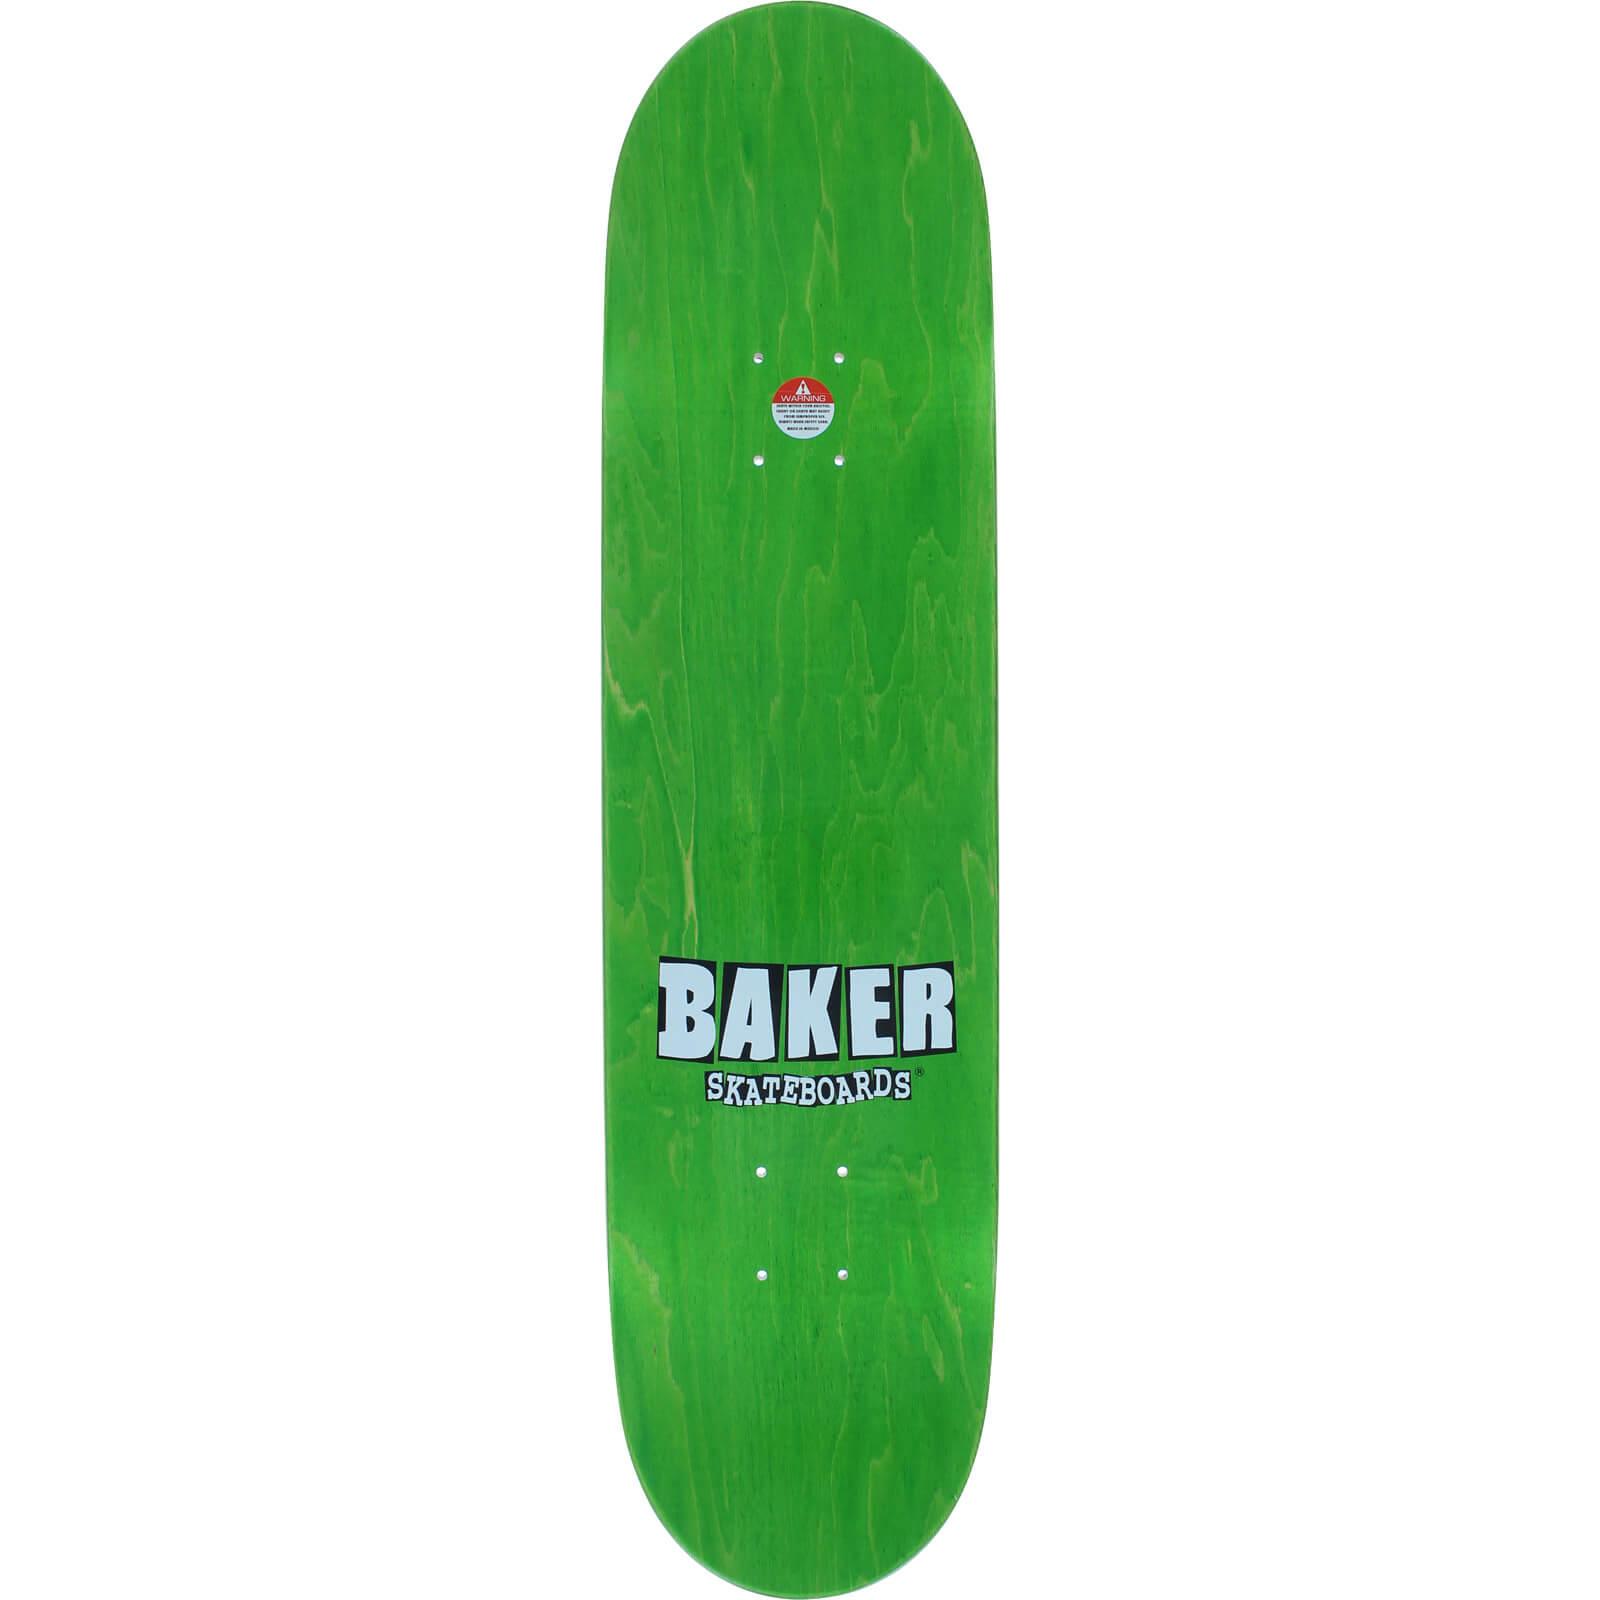 Baker Skateboards Dee Ostrander Brand Name Color Change